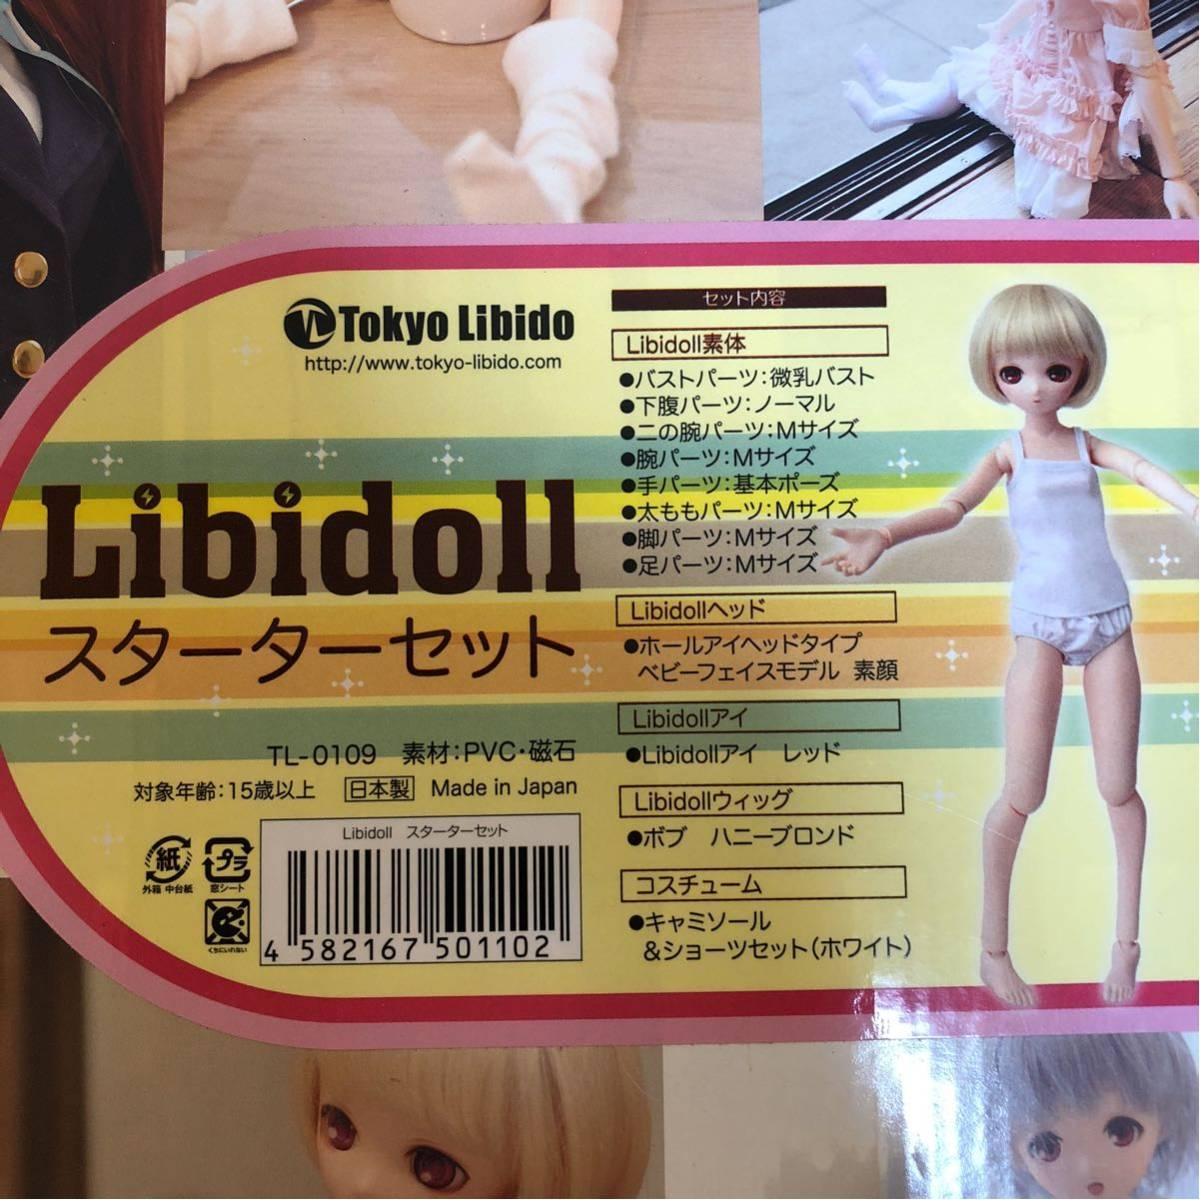 【新品・1円~】リビドール(Libidoll) スターターセット 1/3ドール DD・SDの衣装、ウィッグなども使用可能_画像4